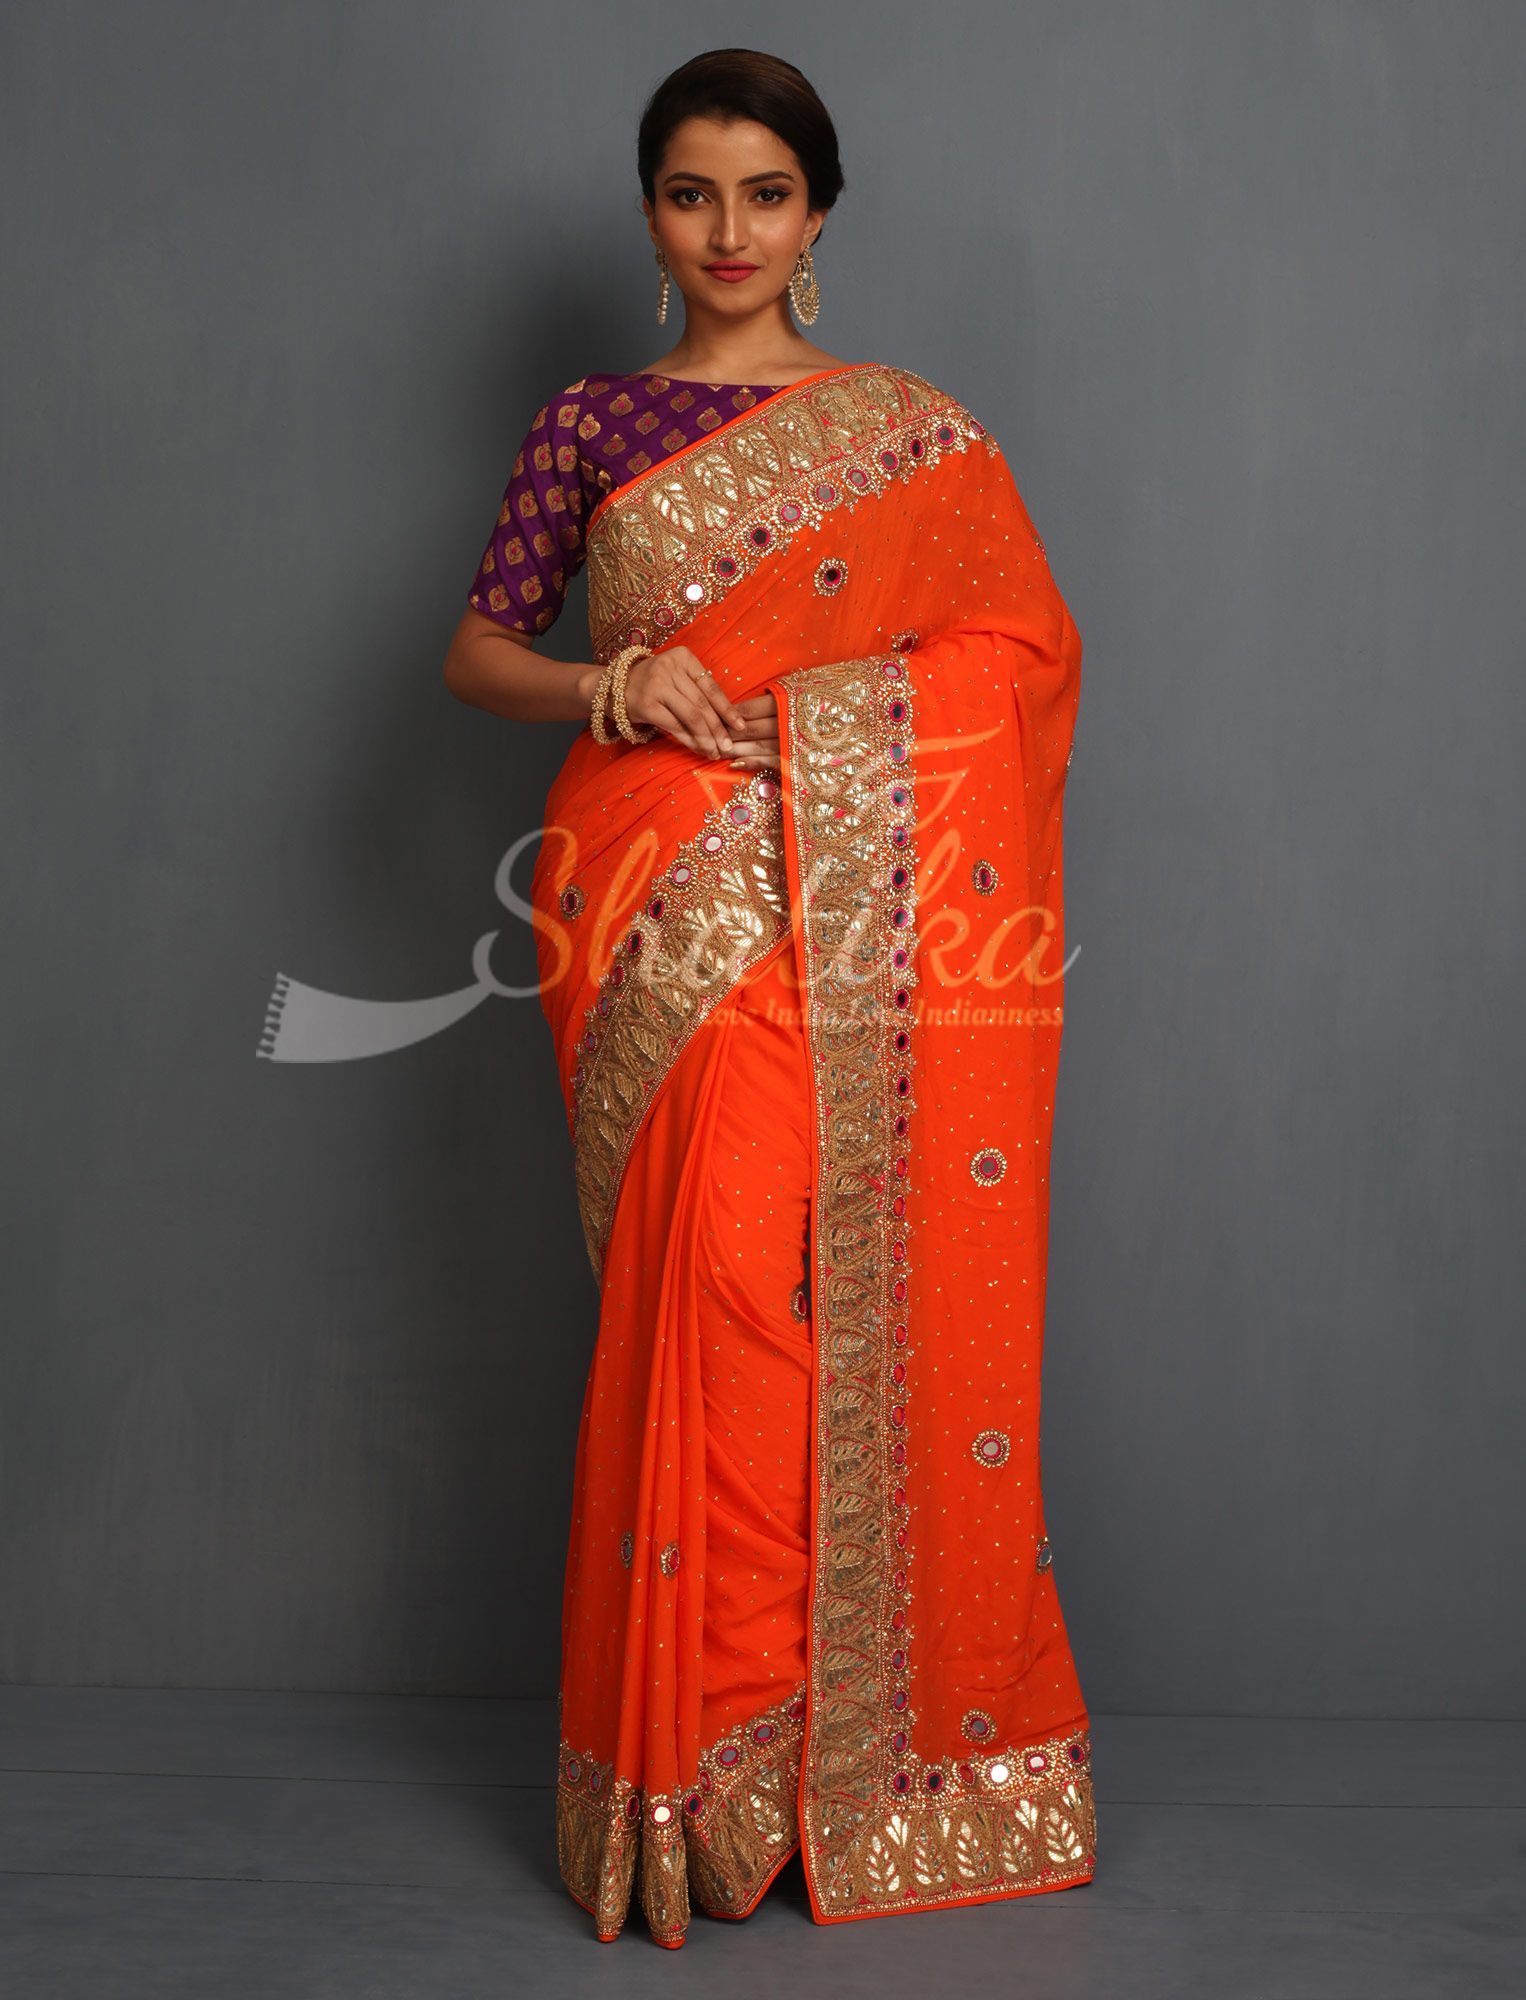 424026ce58822c Kashmaira Firebolt Mirror And Gold Thread Dazzling Rajasthani Gota Patti  Saree